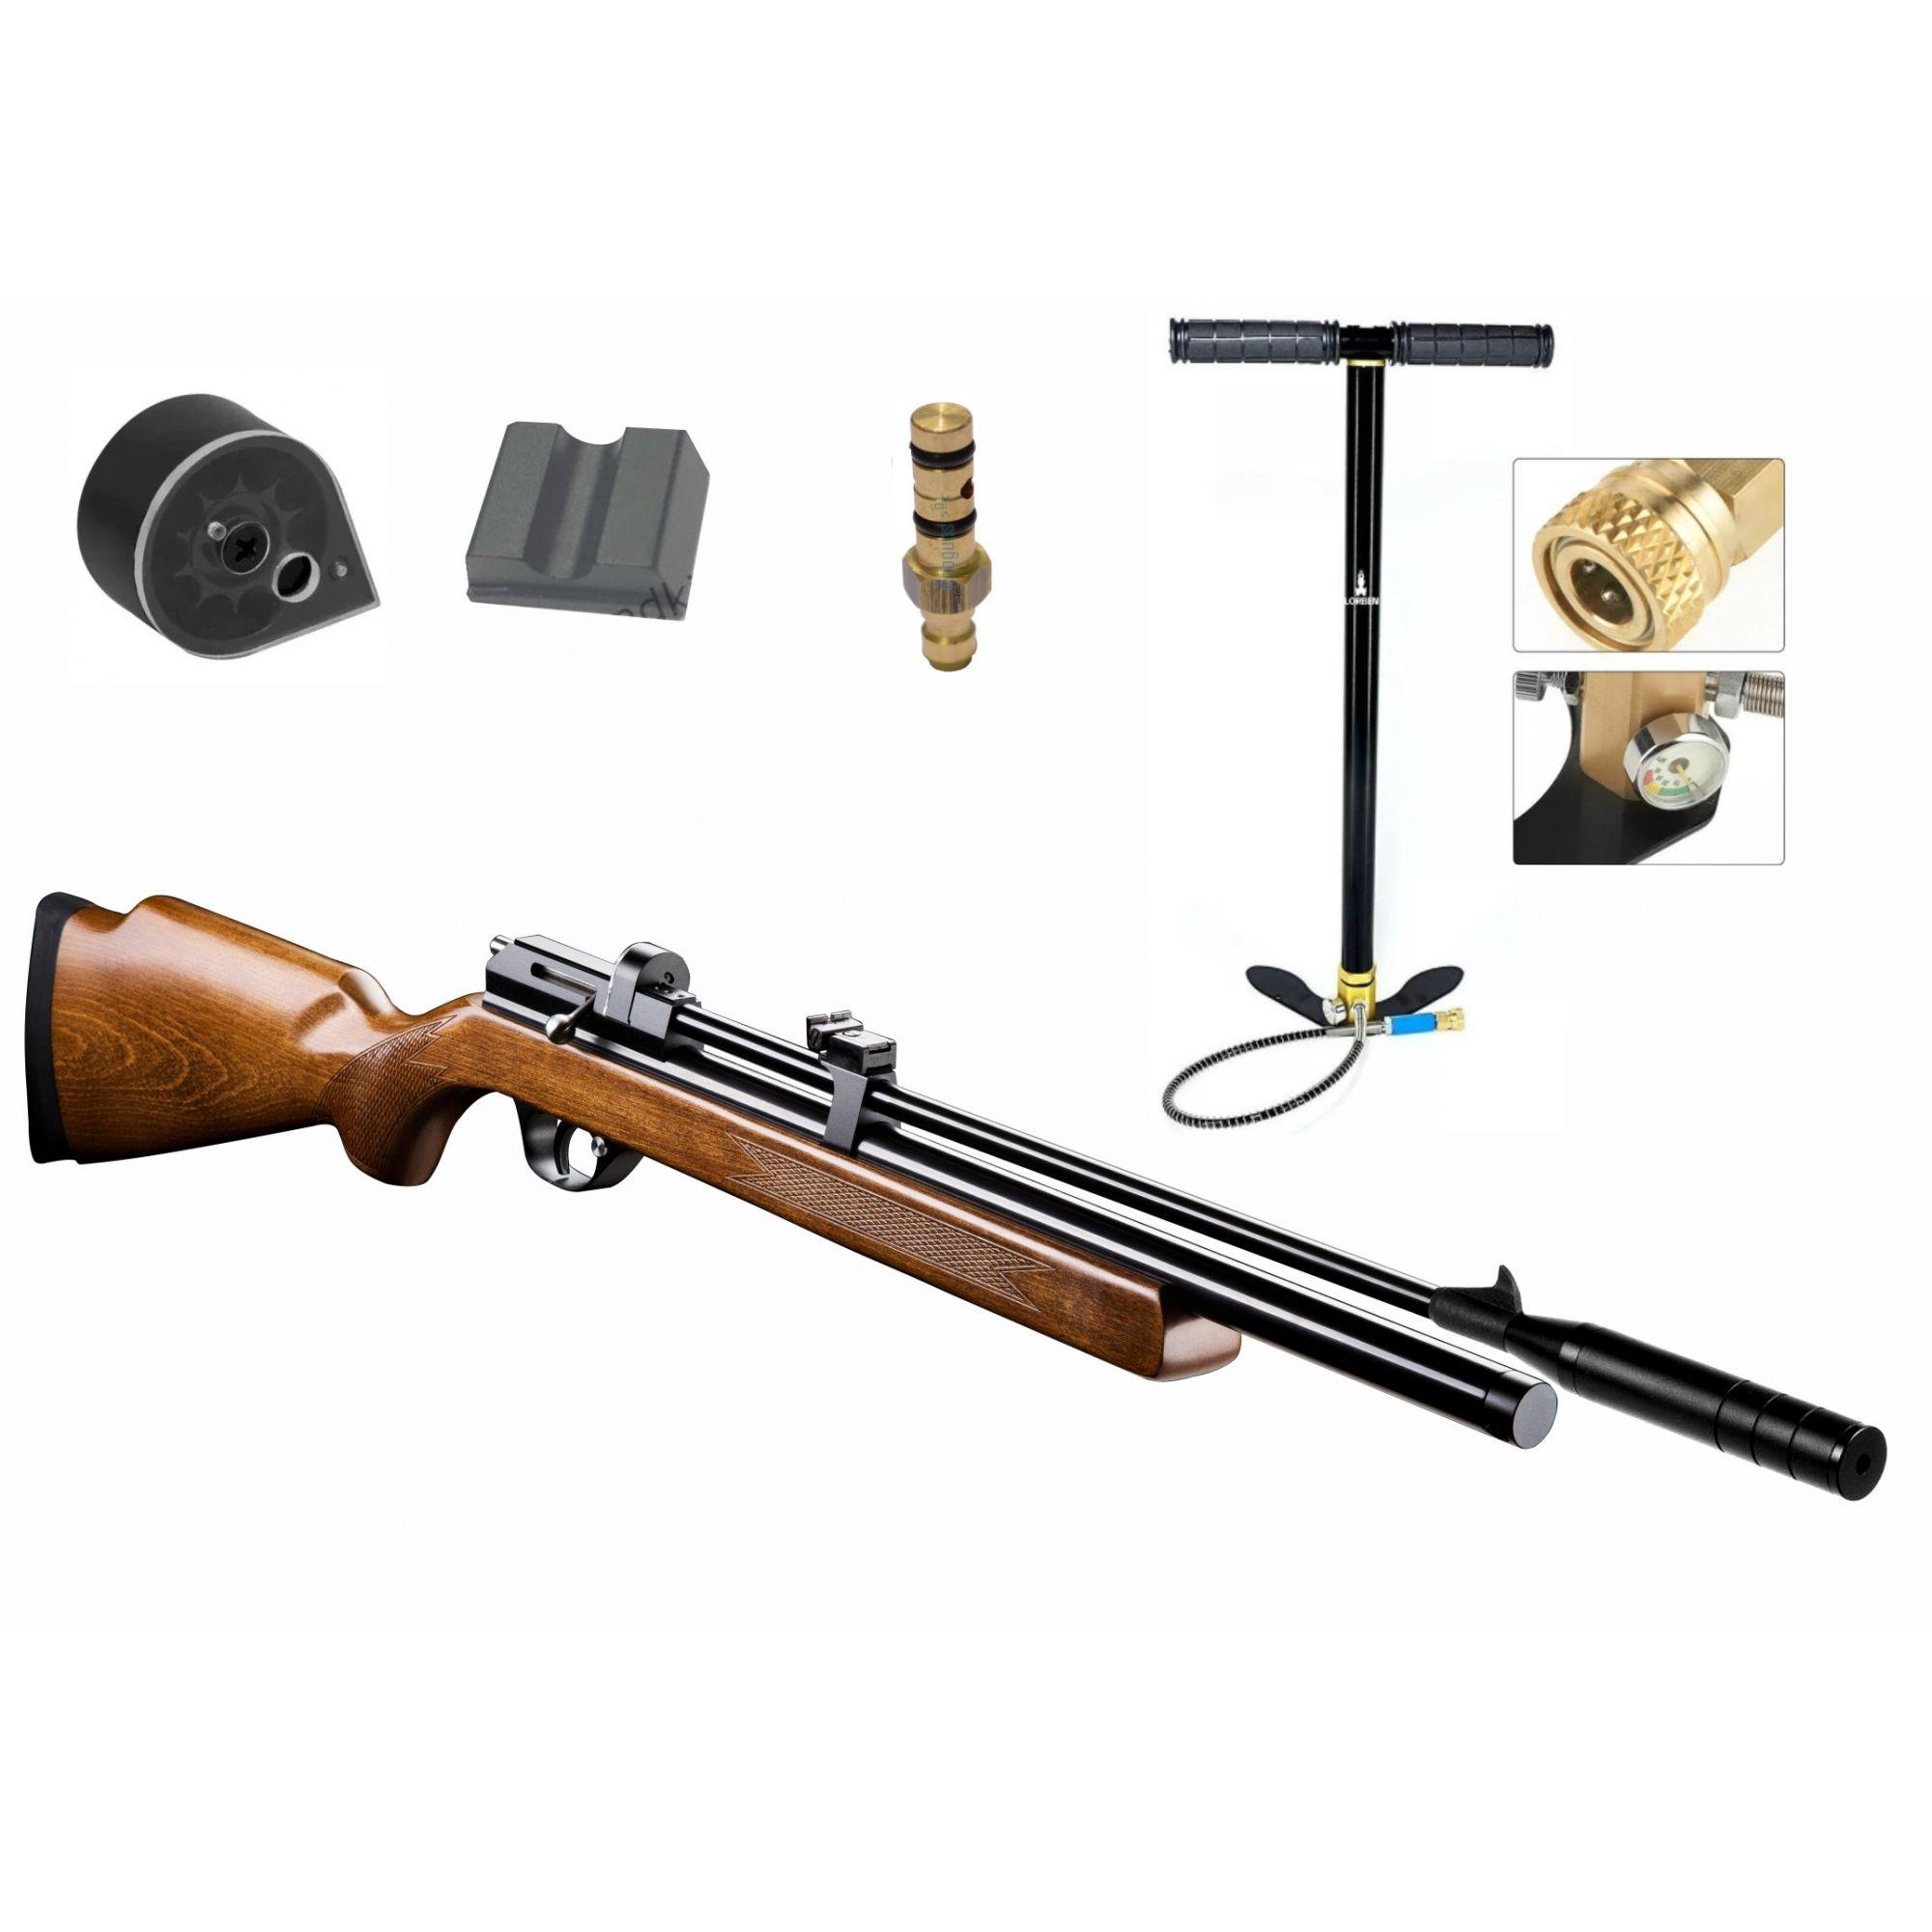 Carabina De Pressão Pcp Pr900w 5.5mm + Bomba PCP FIXXAR